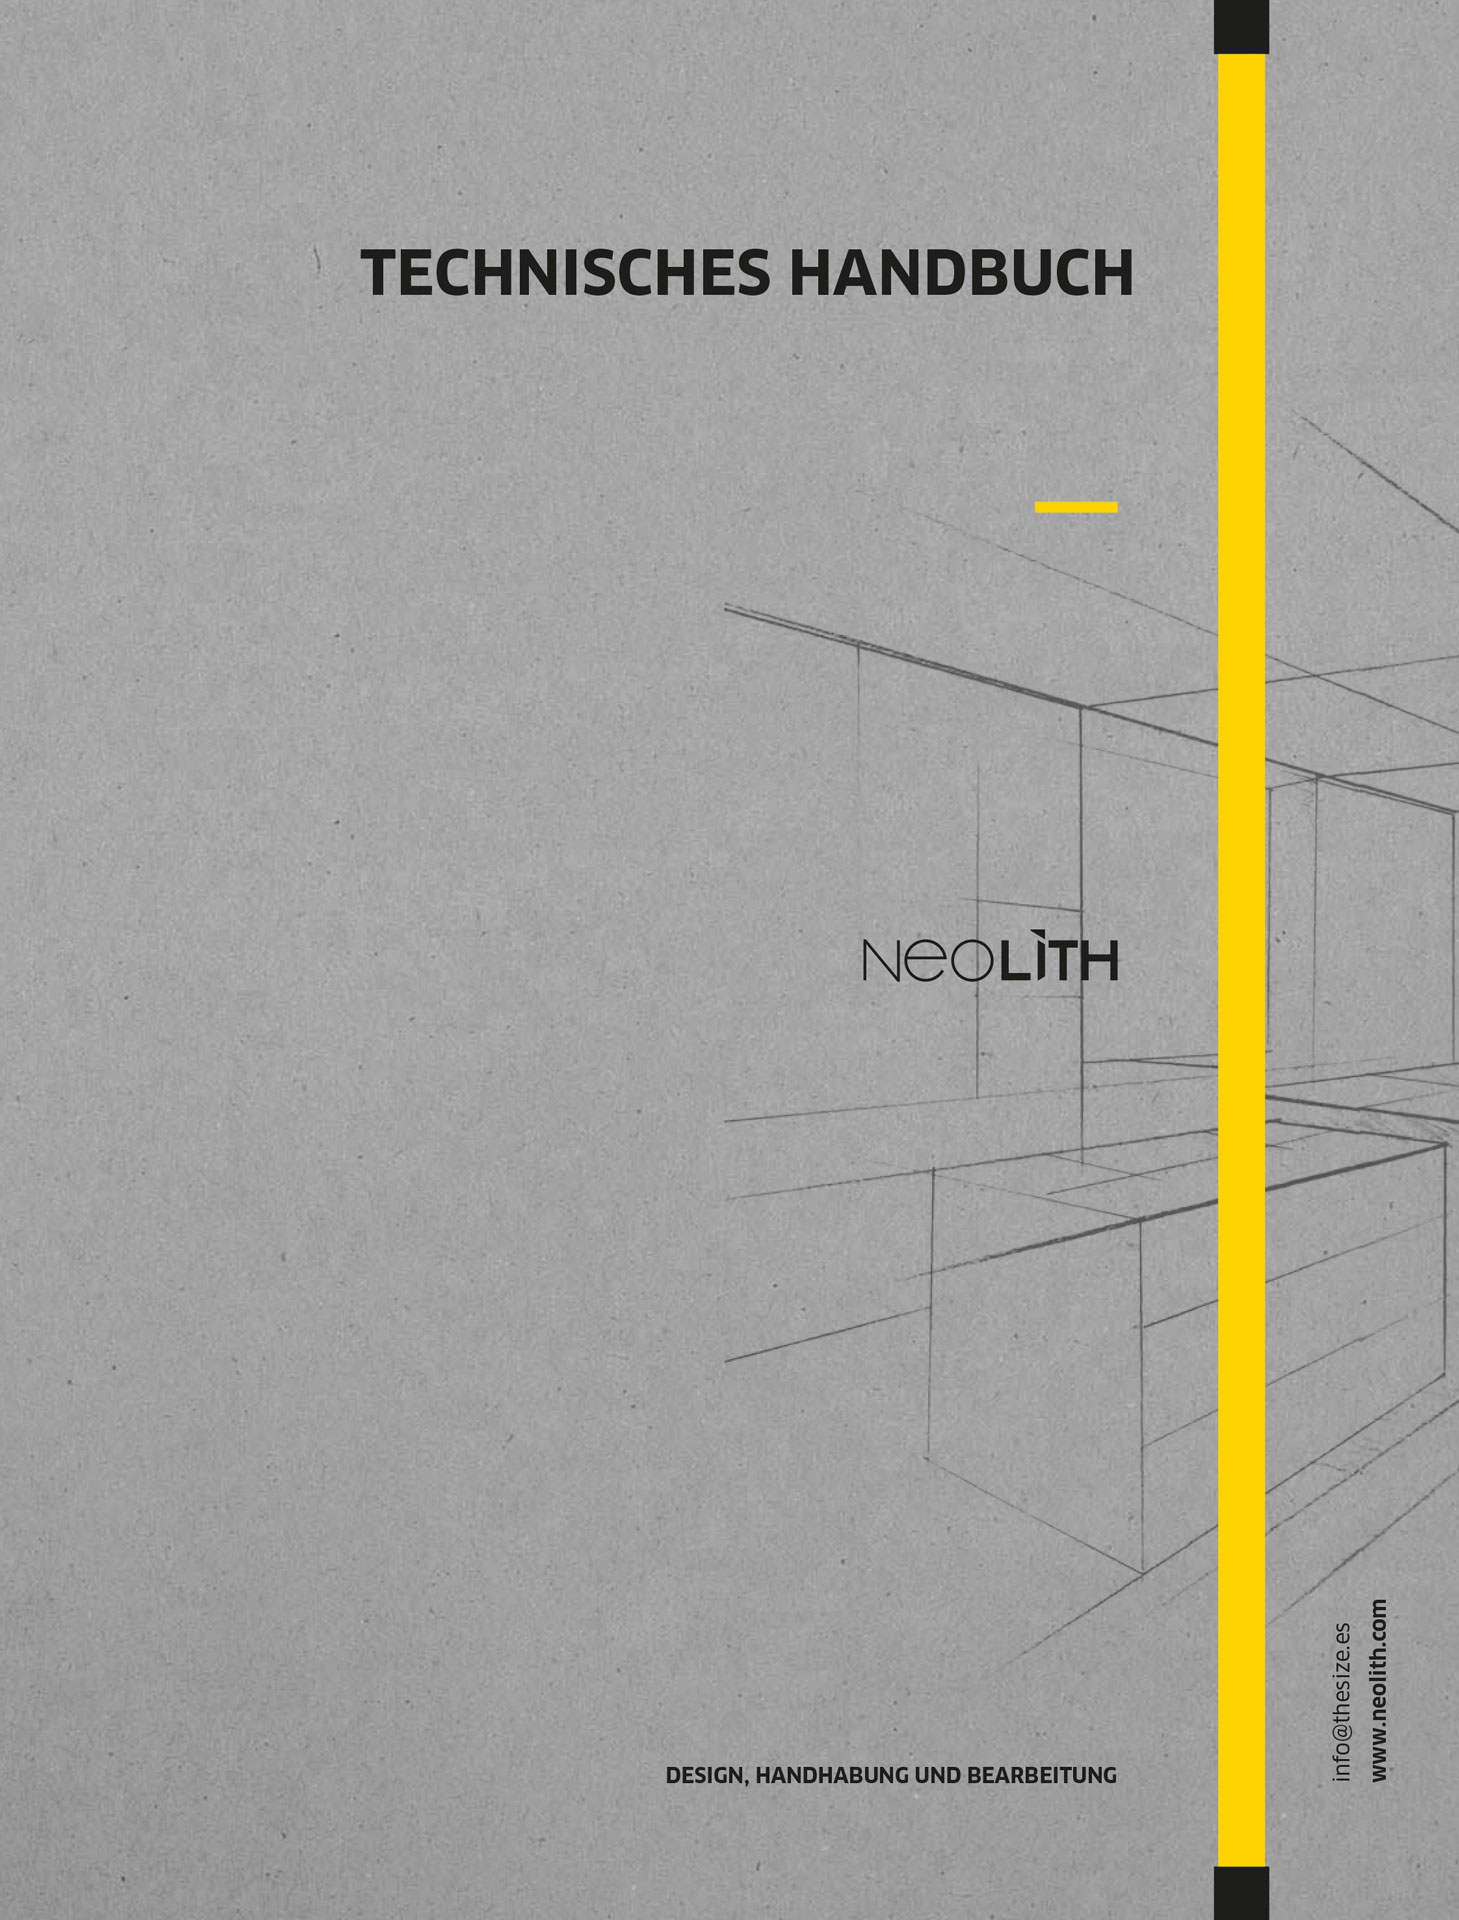 Technische Handbücher